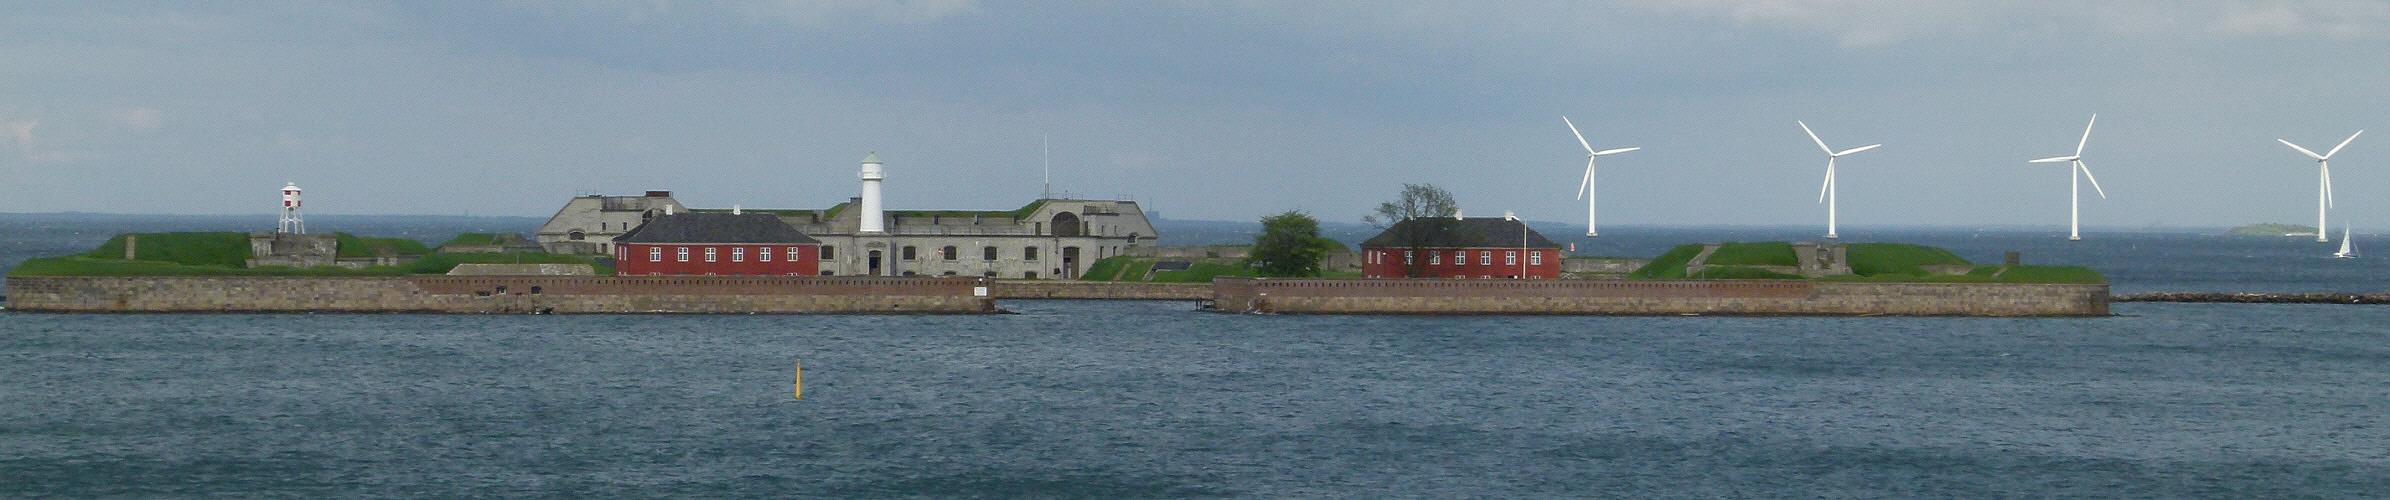 Trekroner Festung vor Kopenhagen